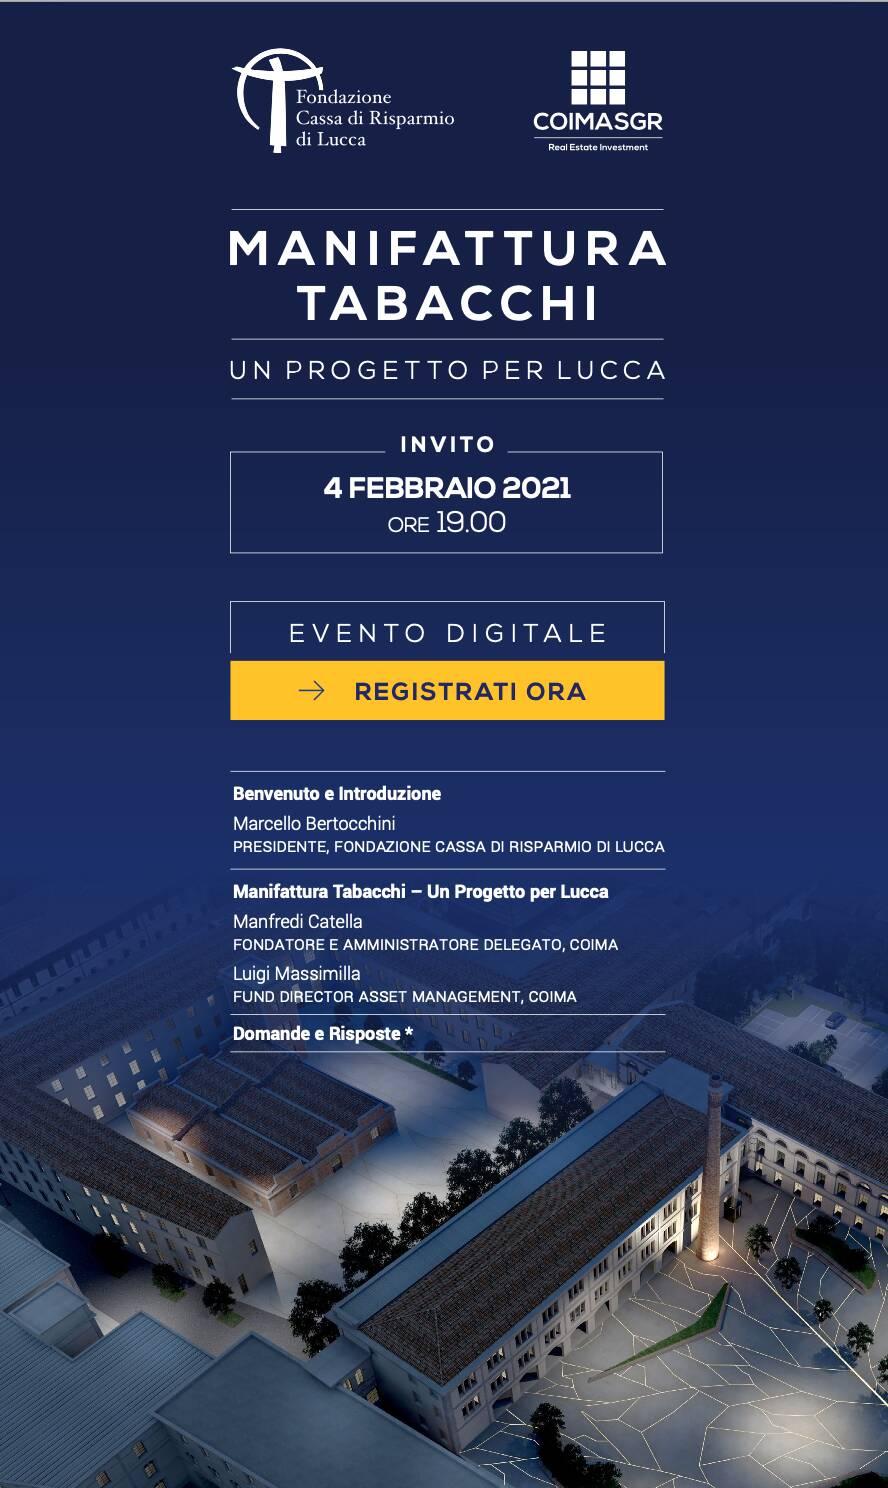 invito Coima Fondazione Crl